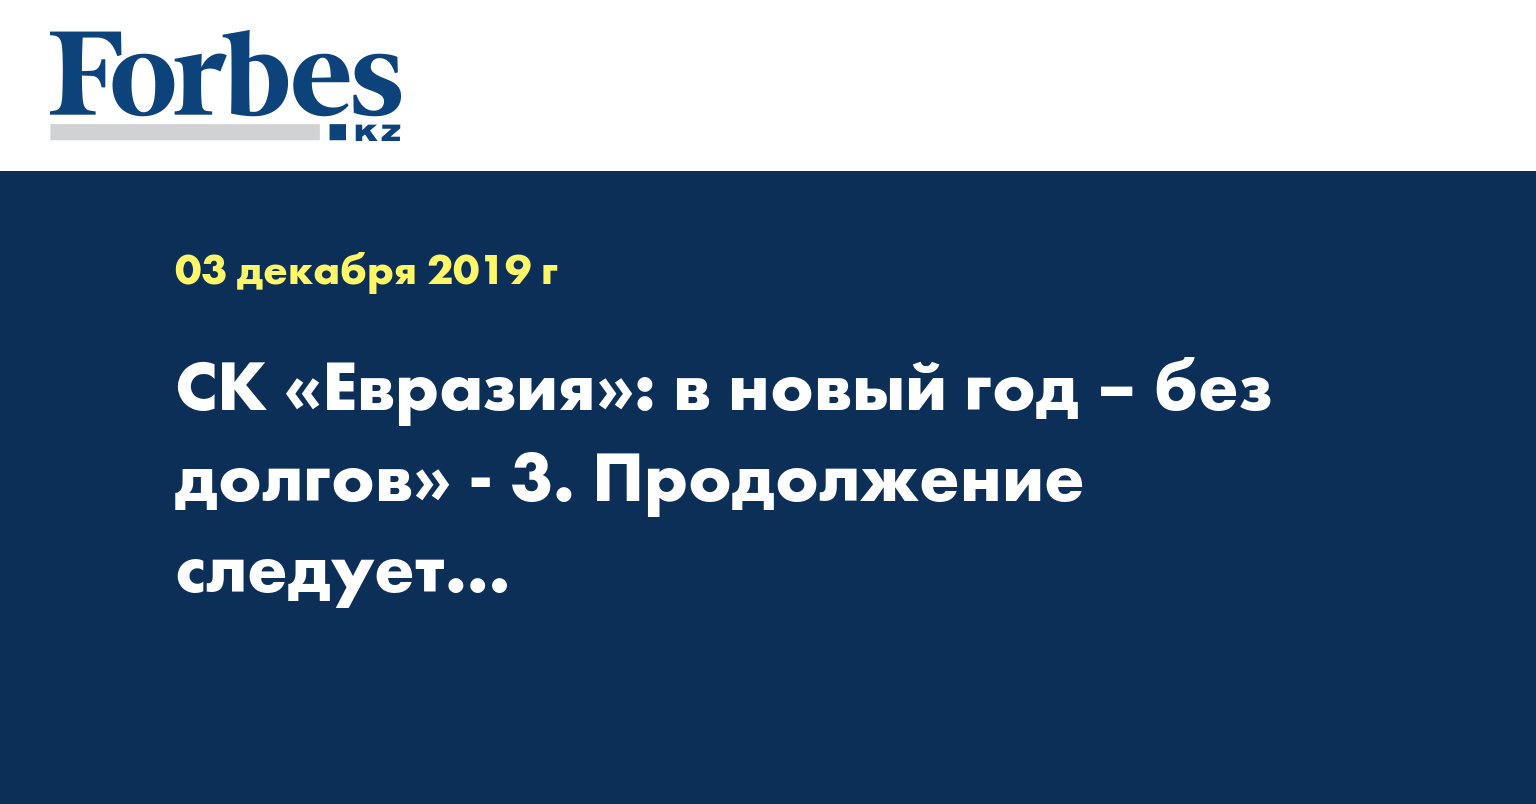 СК «Евразия»: в новый год – без долгов» - 3. Продолжение следует…